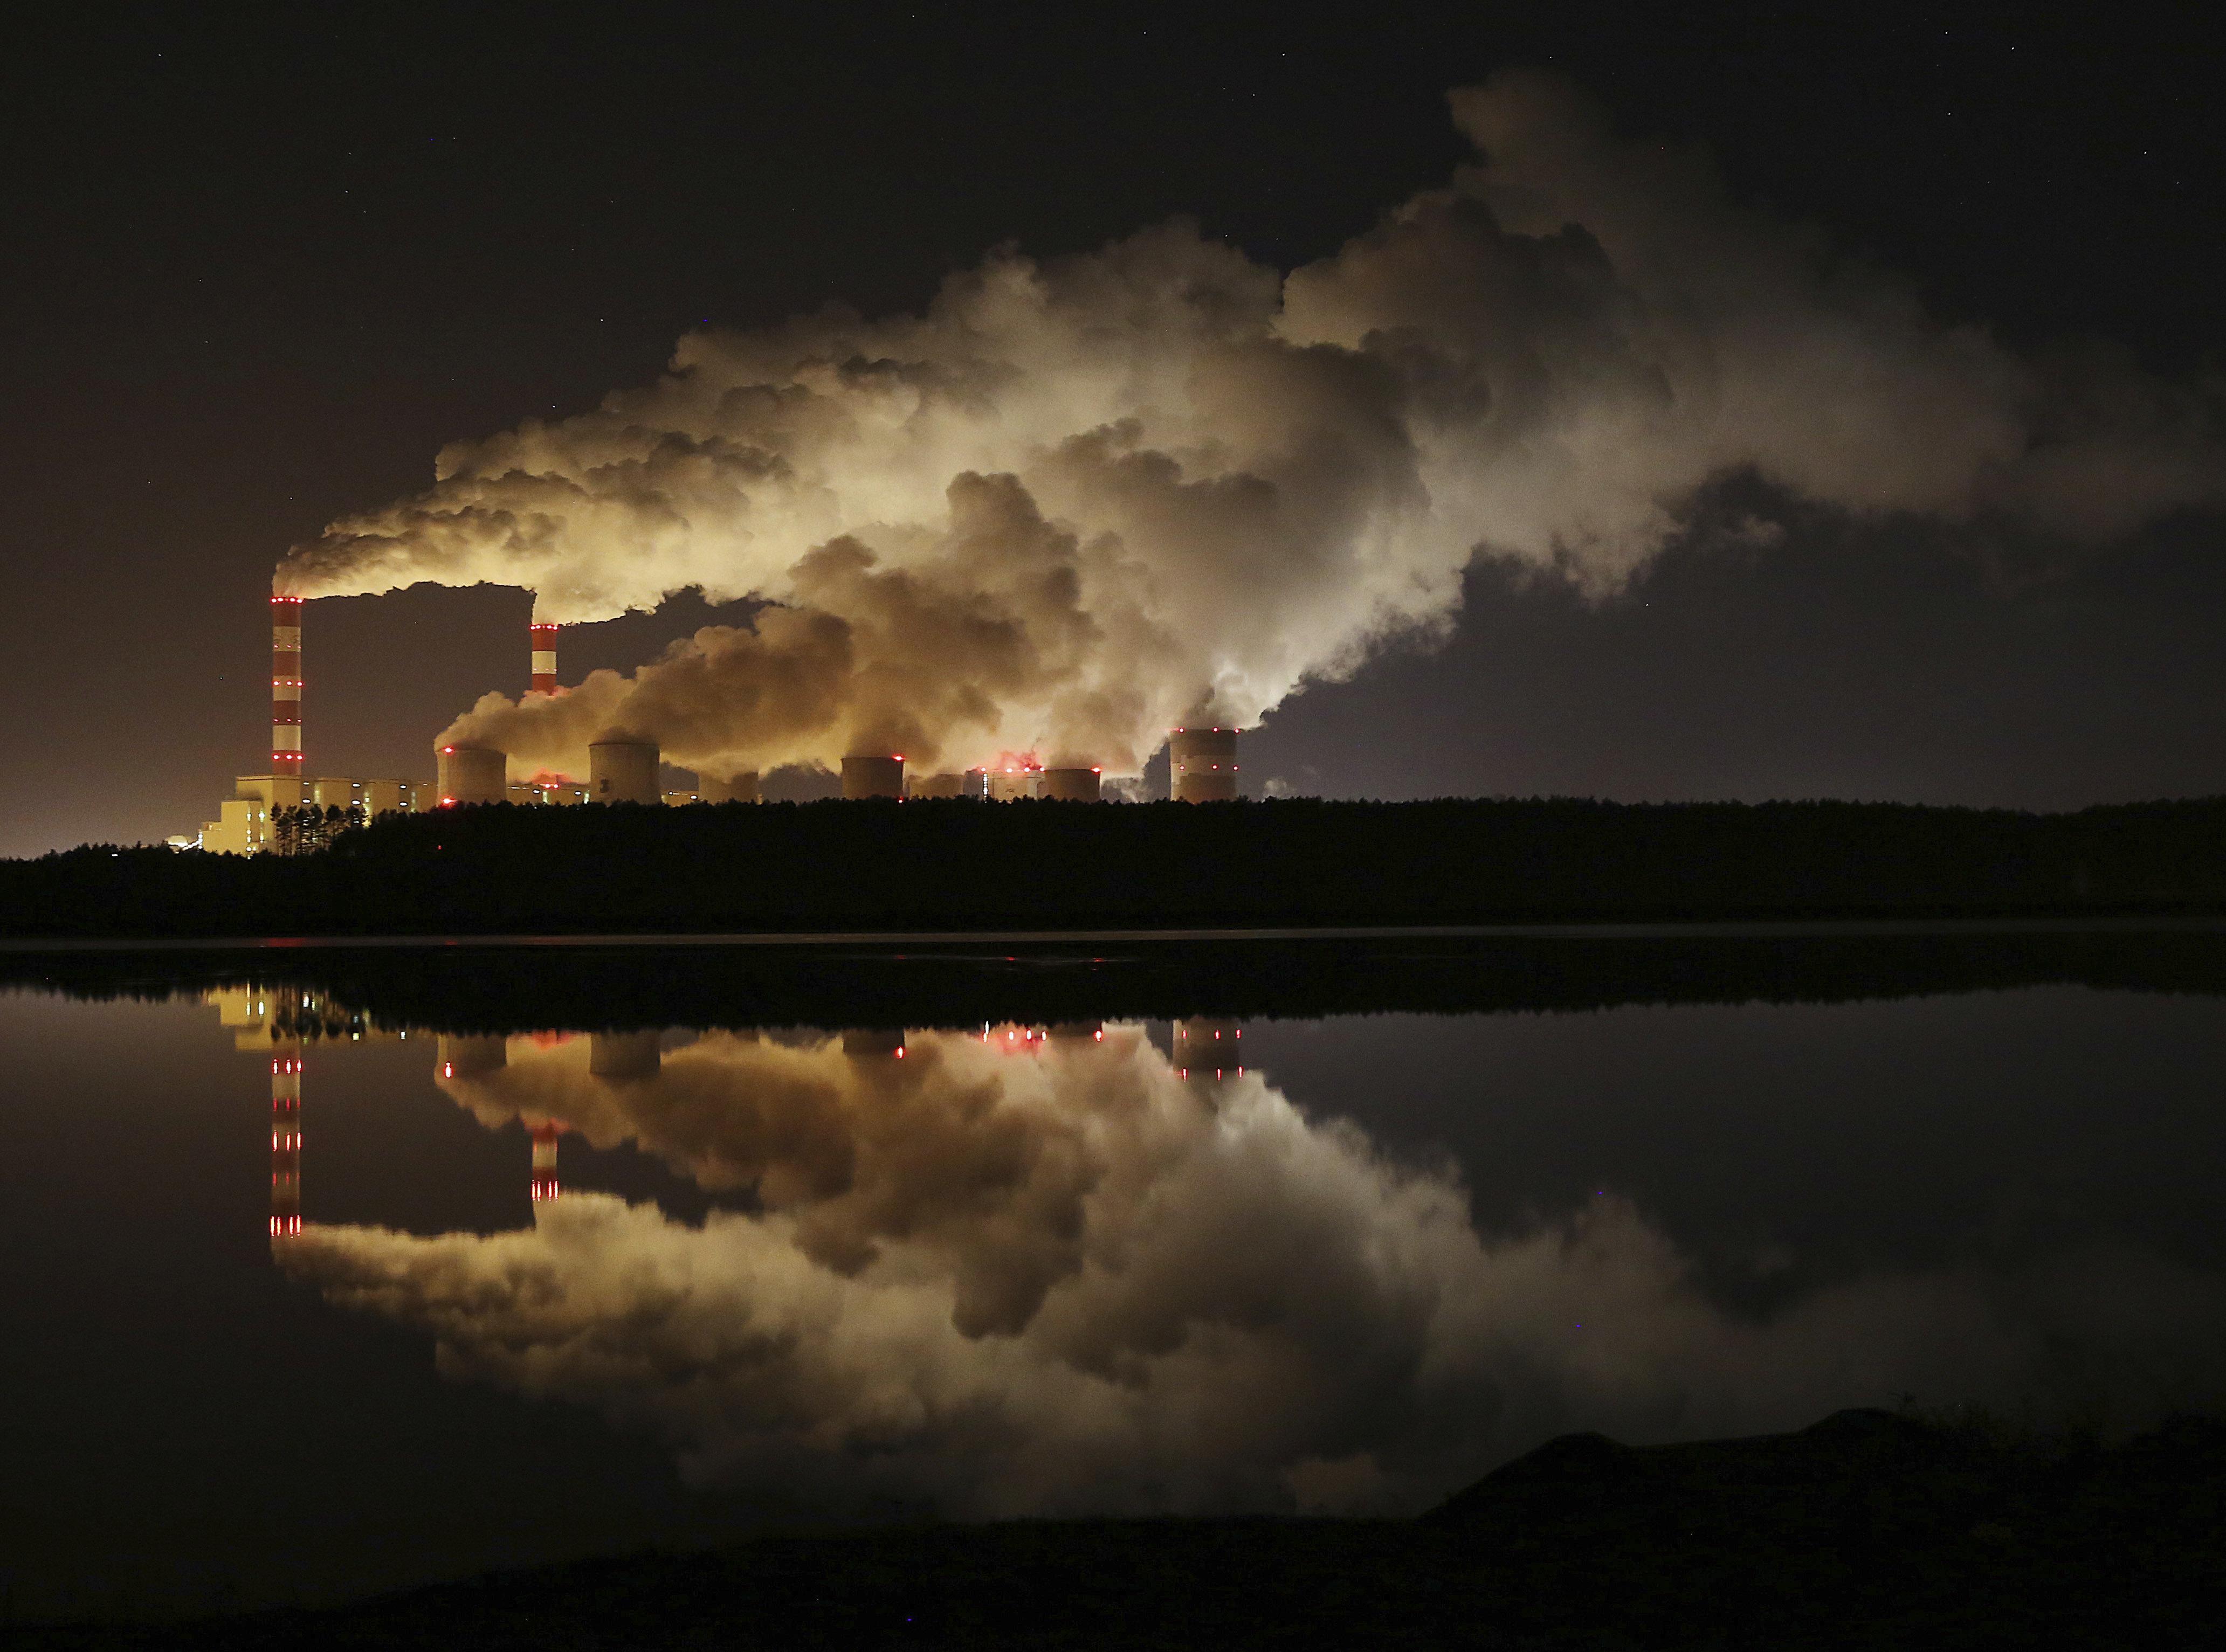 전 세계 탄소배출량이 2018년에 역대 최고를 기록할 전망이다